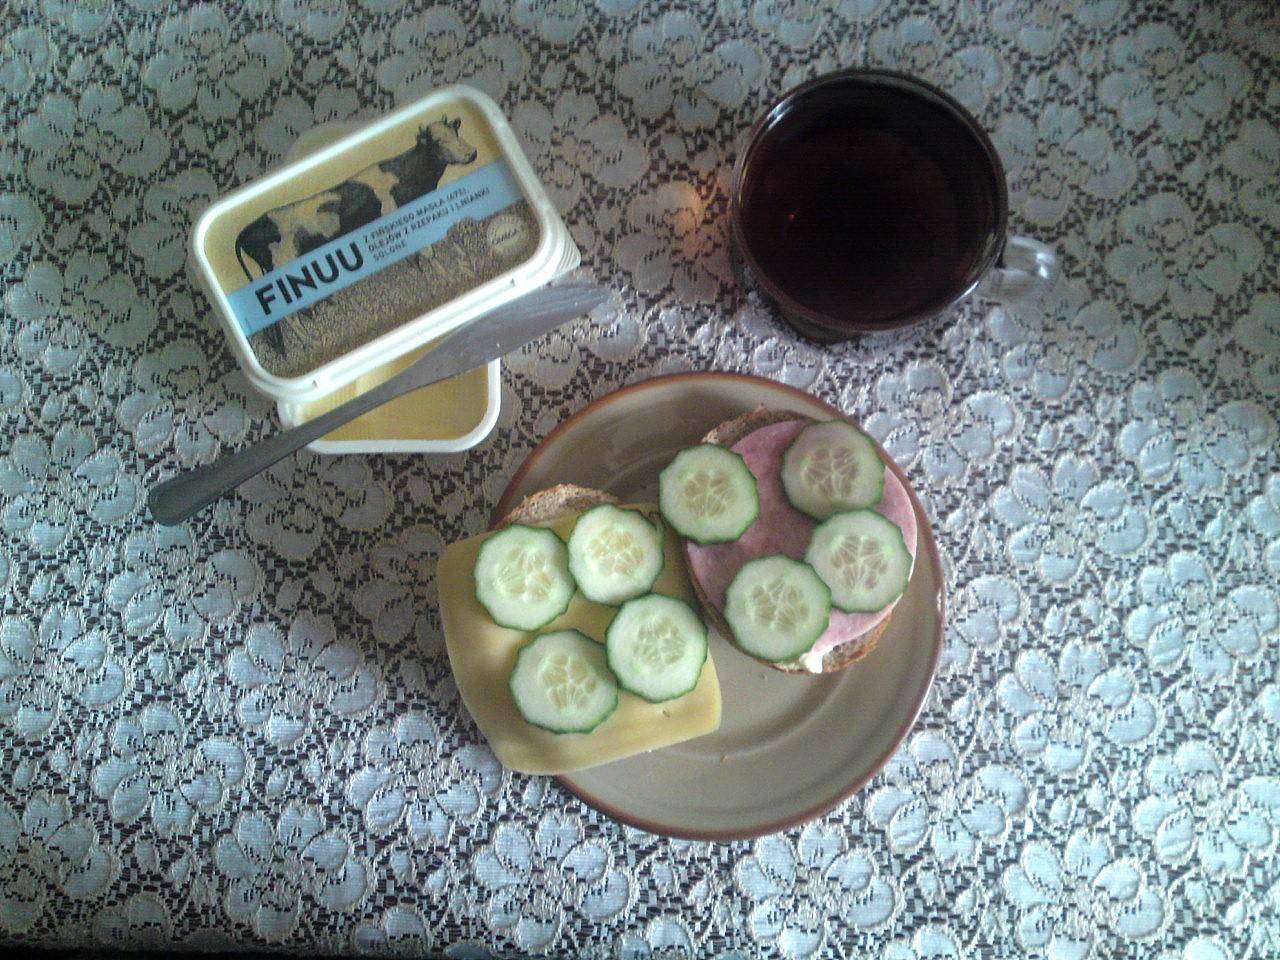 Finuu śniadanie